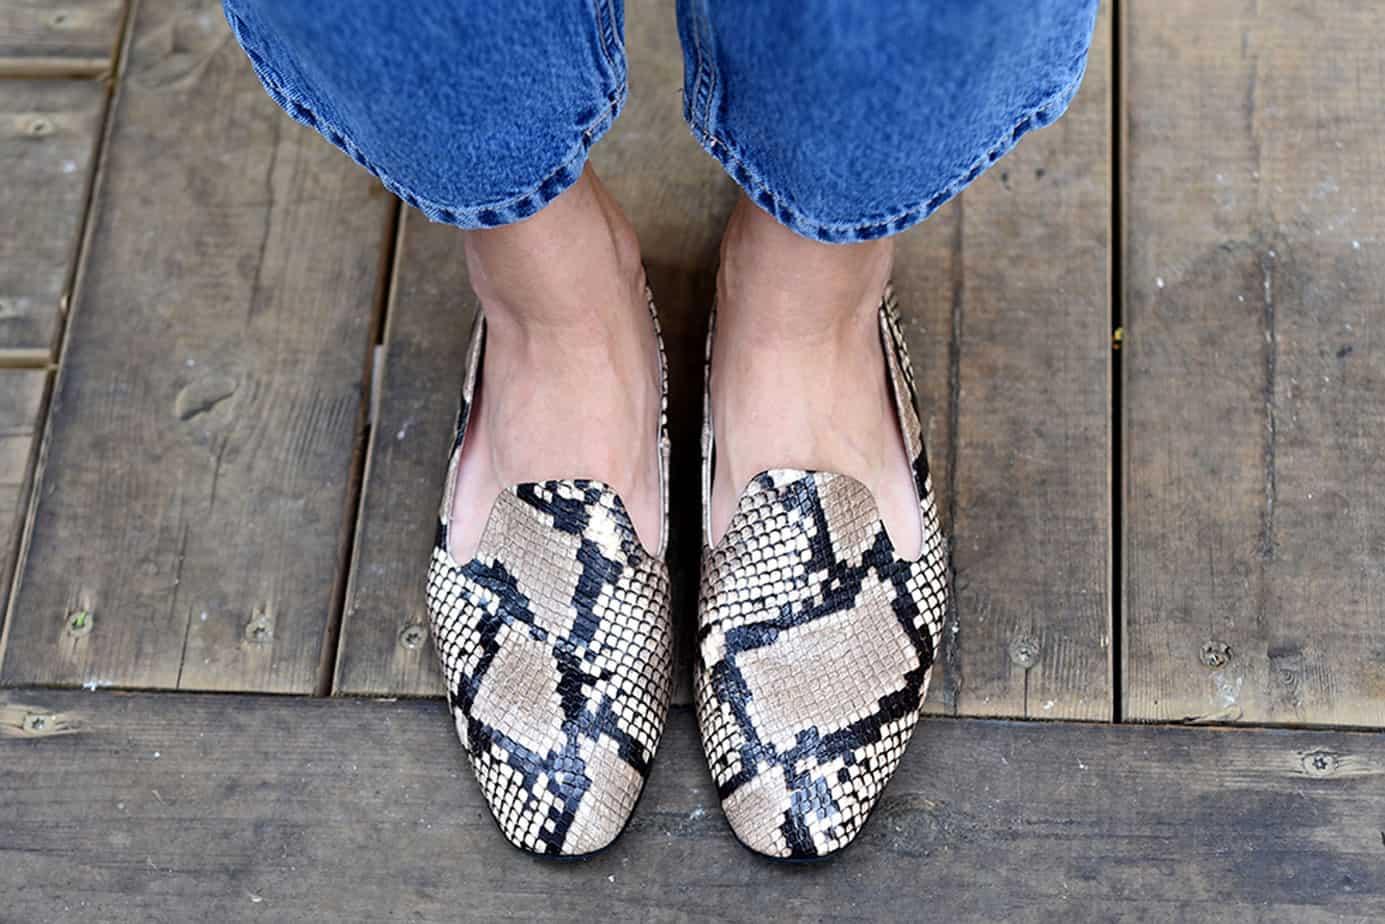 ג'ינס ונעליים: זארה, הודיה פיינגולד צילום לימור יערי - 5